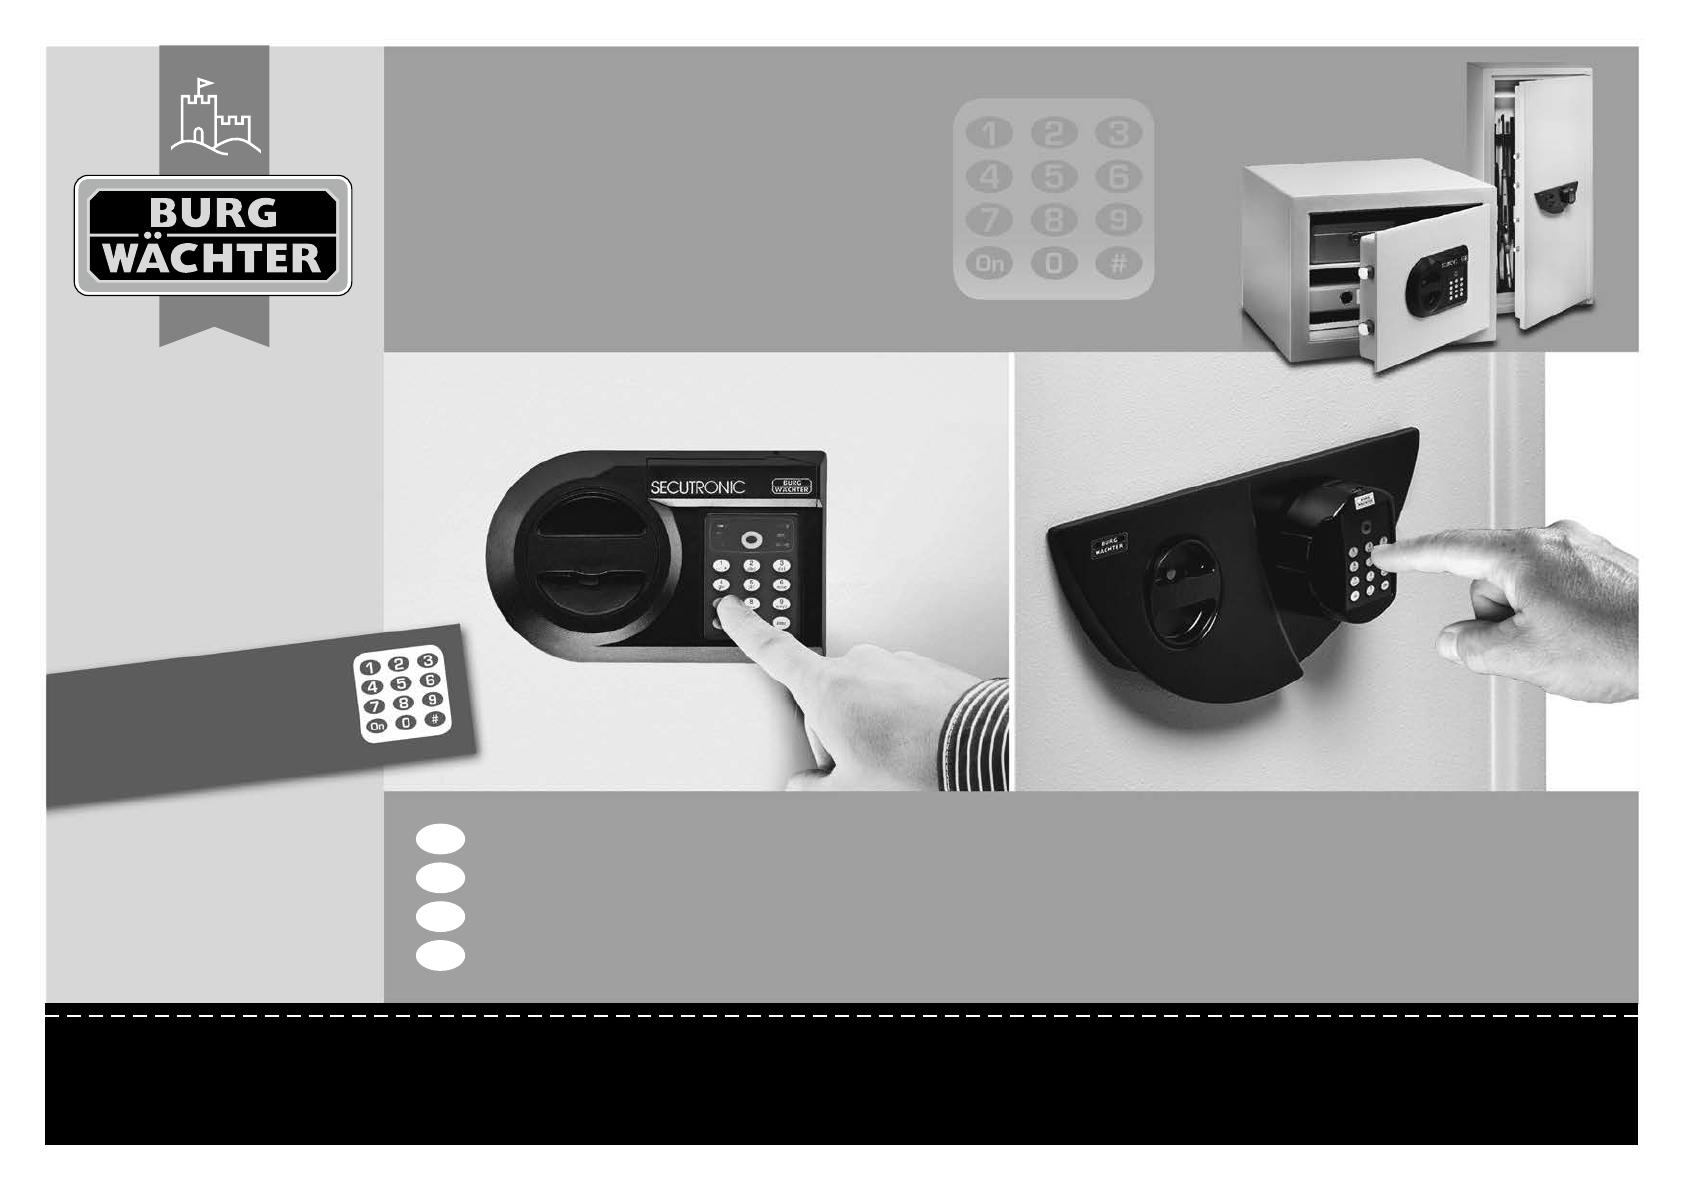 bedienungsanleitung burg wachter secutronic seite 1 von 5 deutsch englisch franz sisch. Black Bedroom Furniture Sets. Home Design Ideas